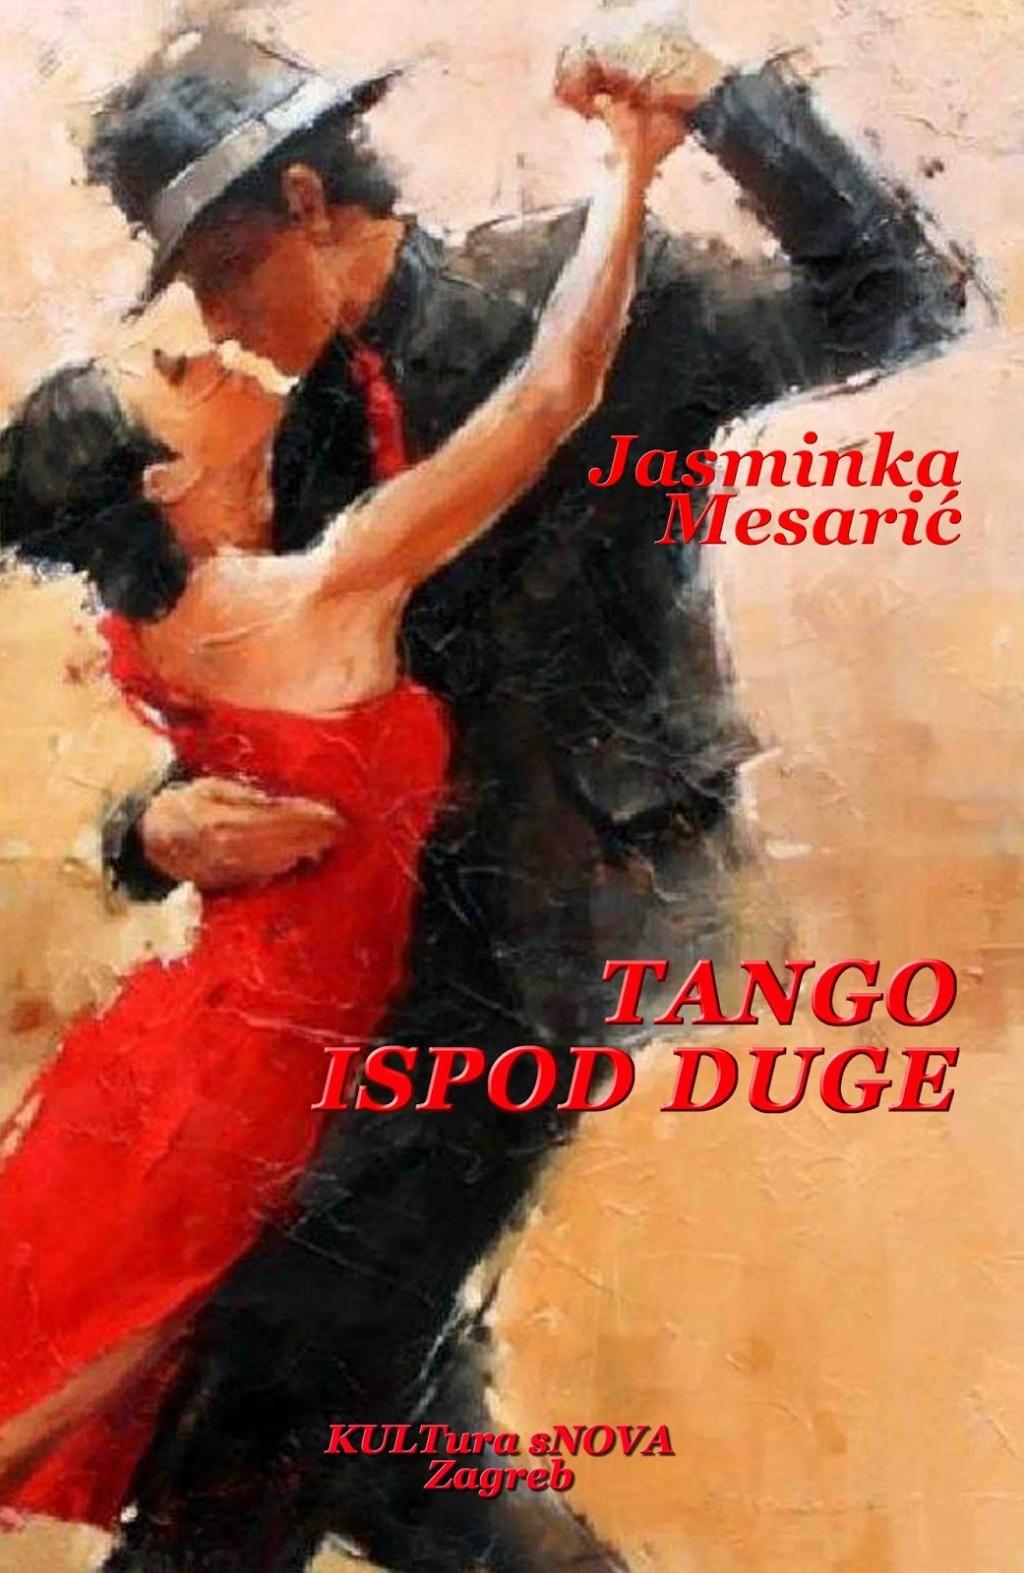 Tango ispod duge